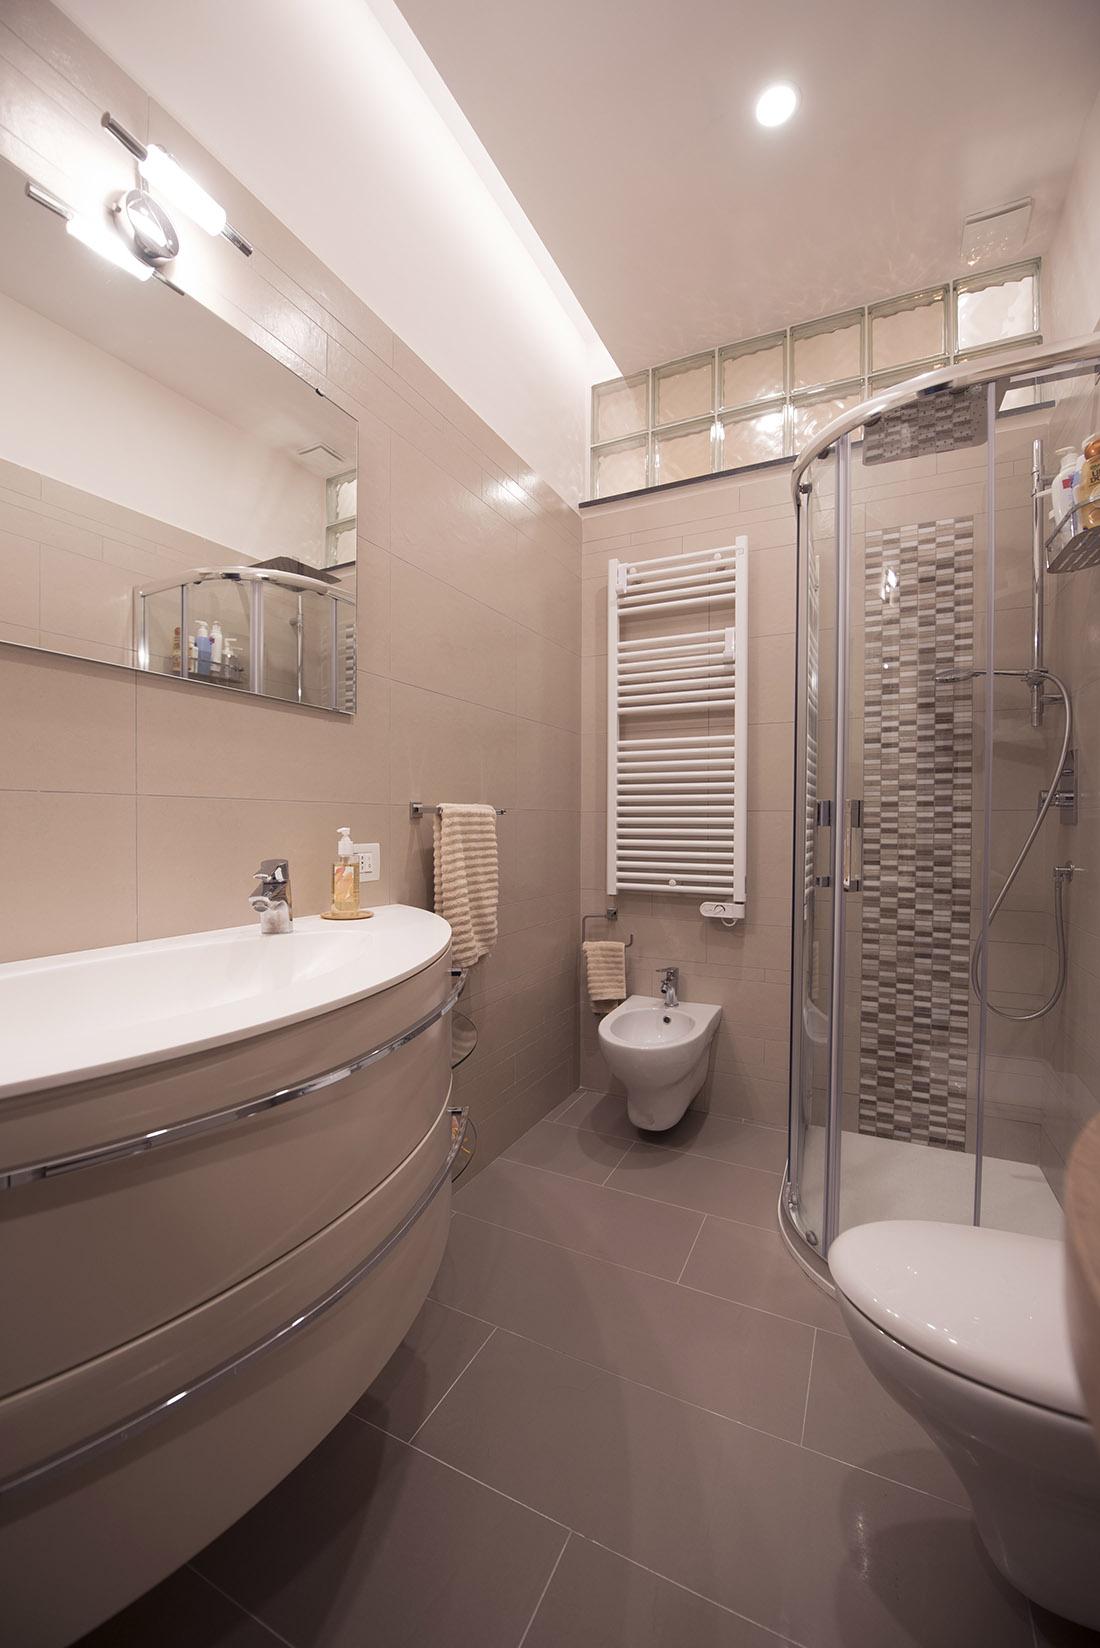 appartamento-otta2-bagno-ospiti-realizzazione-napoli-pucciarelli-architetti